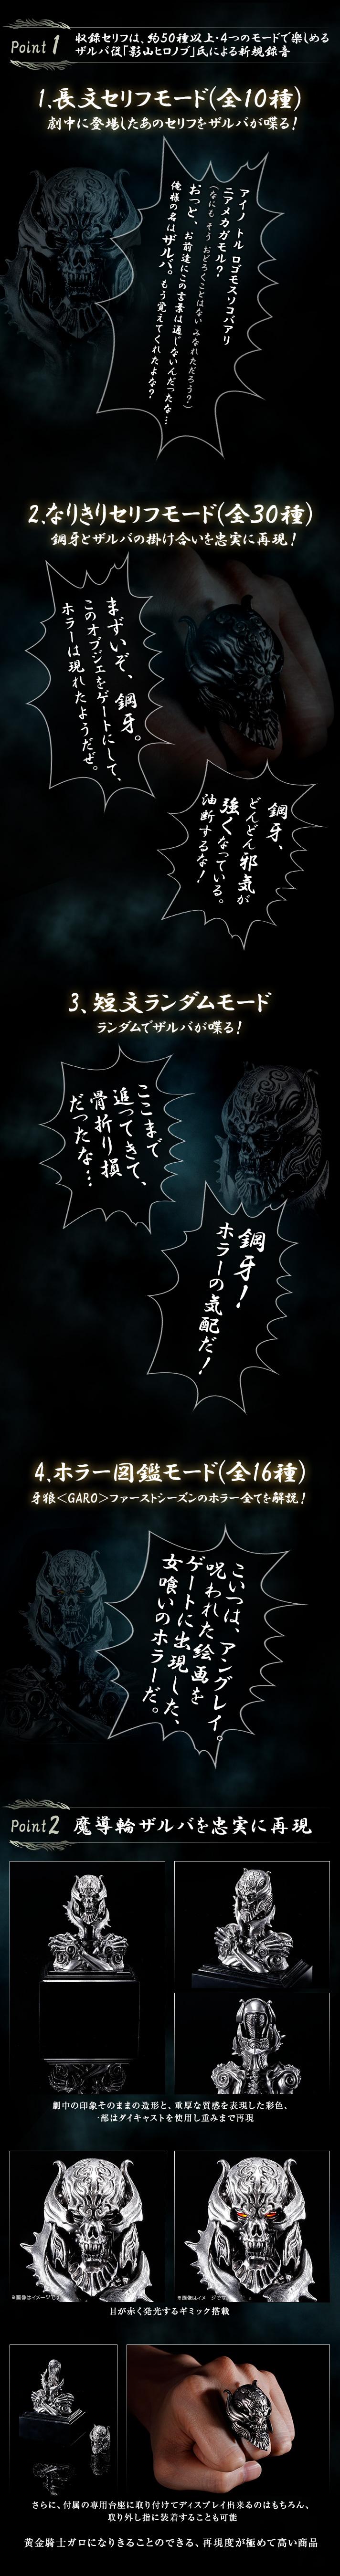 說、說話啦!!!! TAMASHII Lab 《牙狼〈GARO〉》魔導輪薩魯巴(ザルバ)